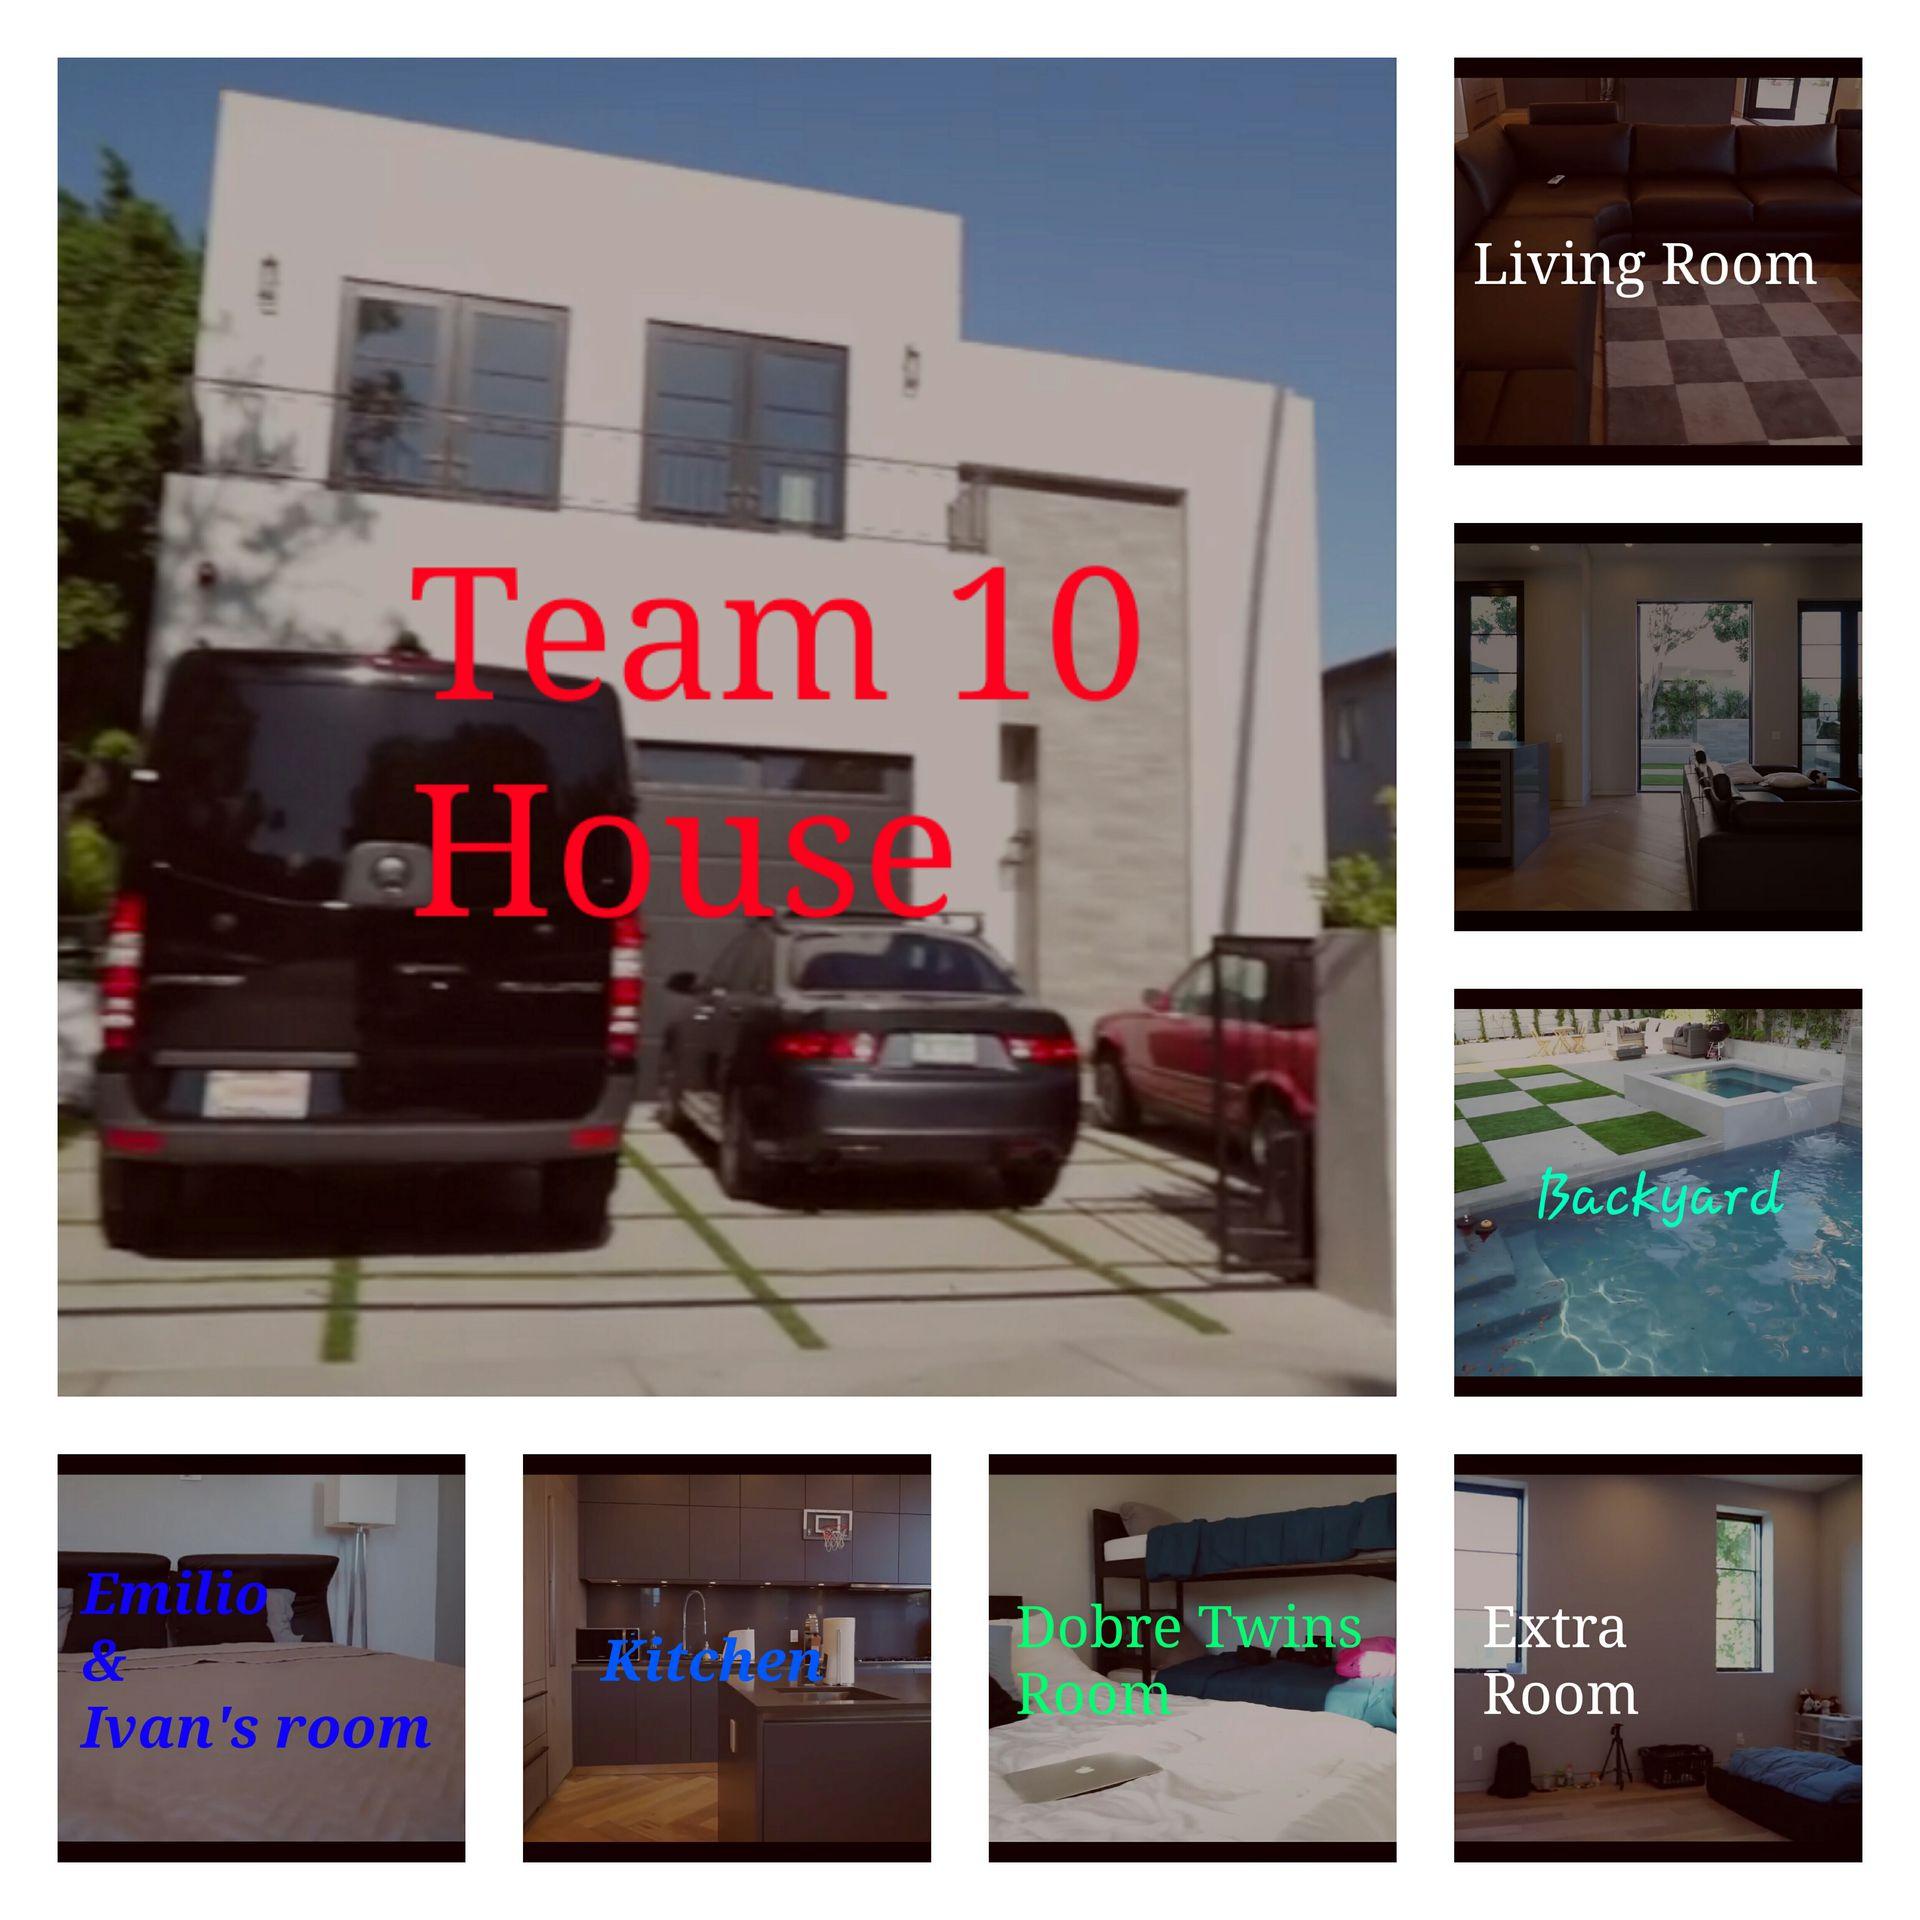 Fullsize Of Team 10 House Address